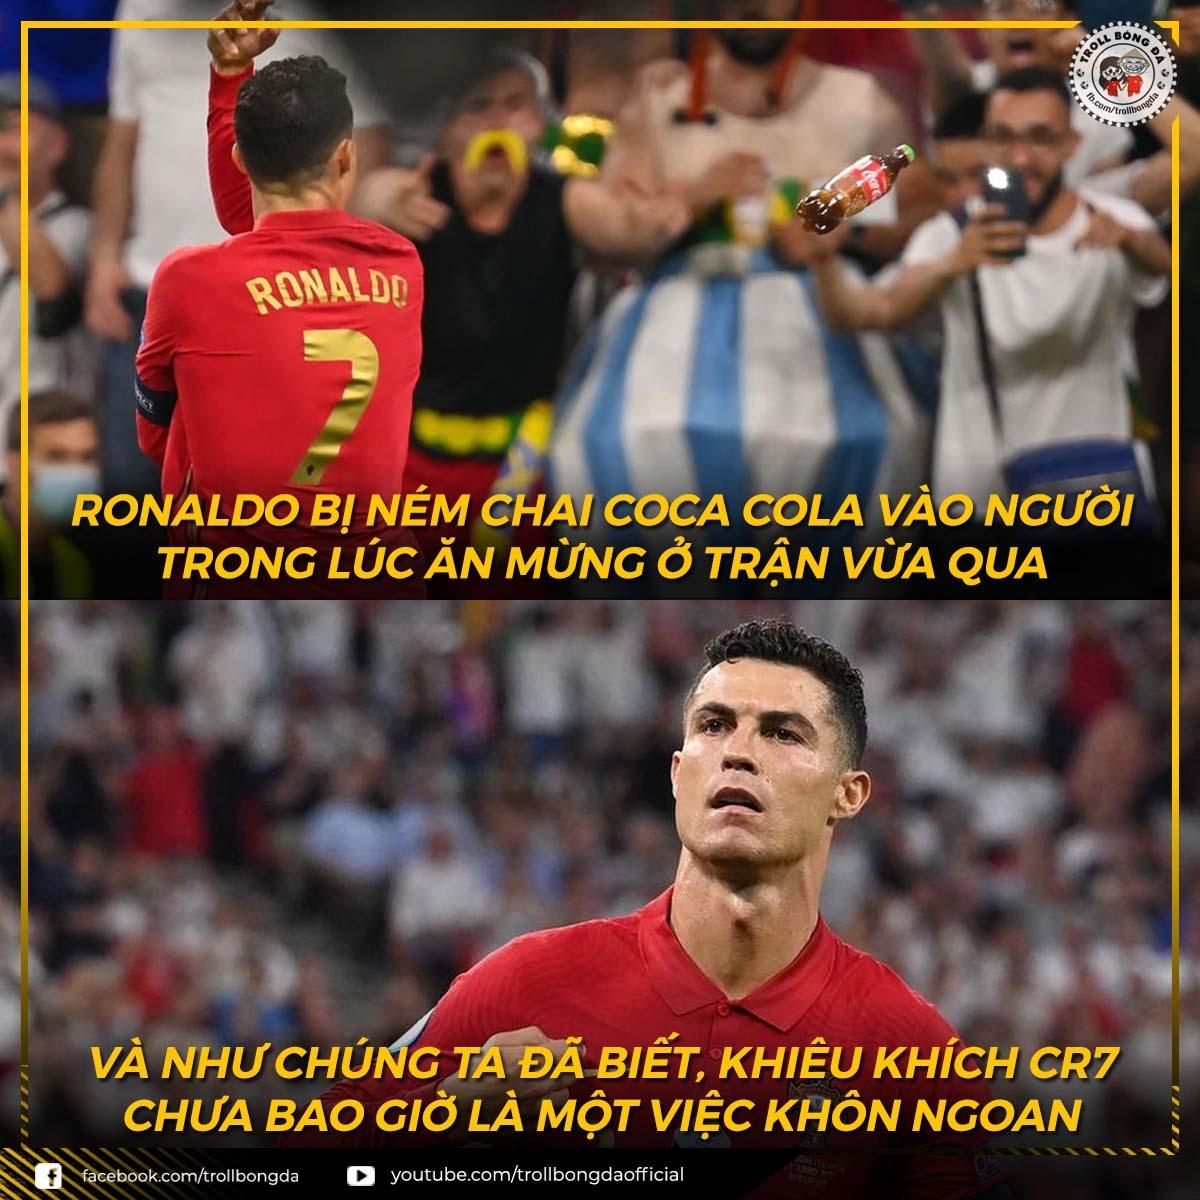 Ronaldo bị ném chai coca vào người khi ăn mừng bàn thắng trước ĐT Pháp (Ảnh: Troll bóng đá).